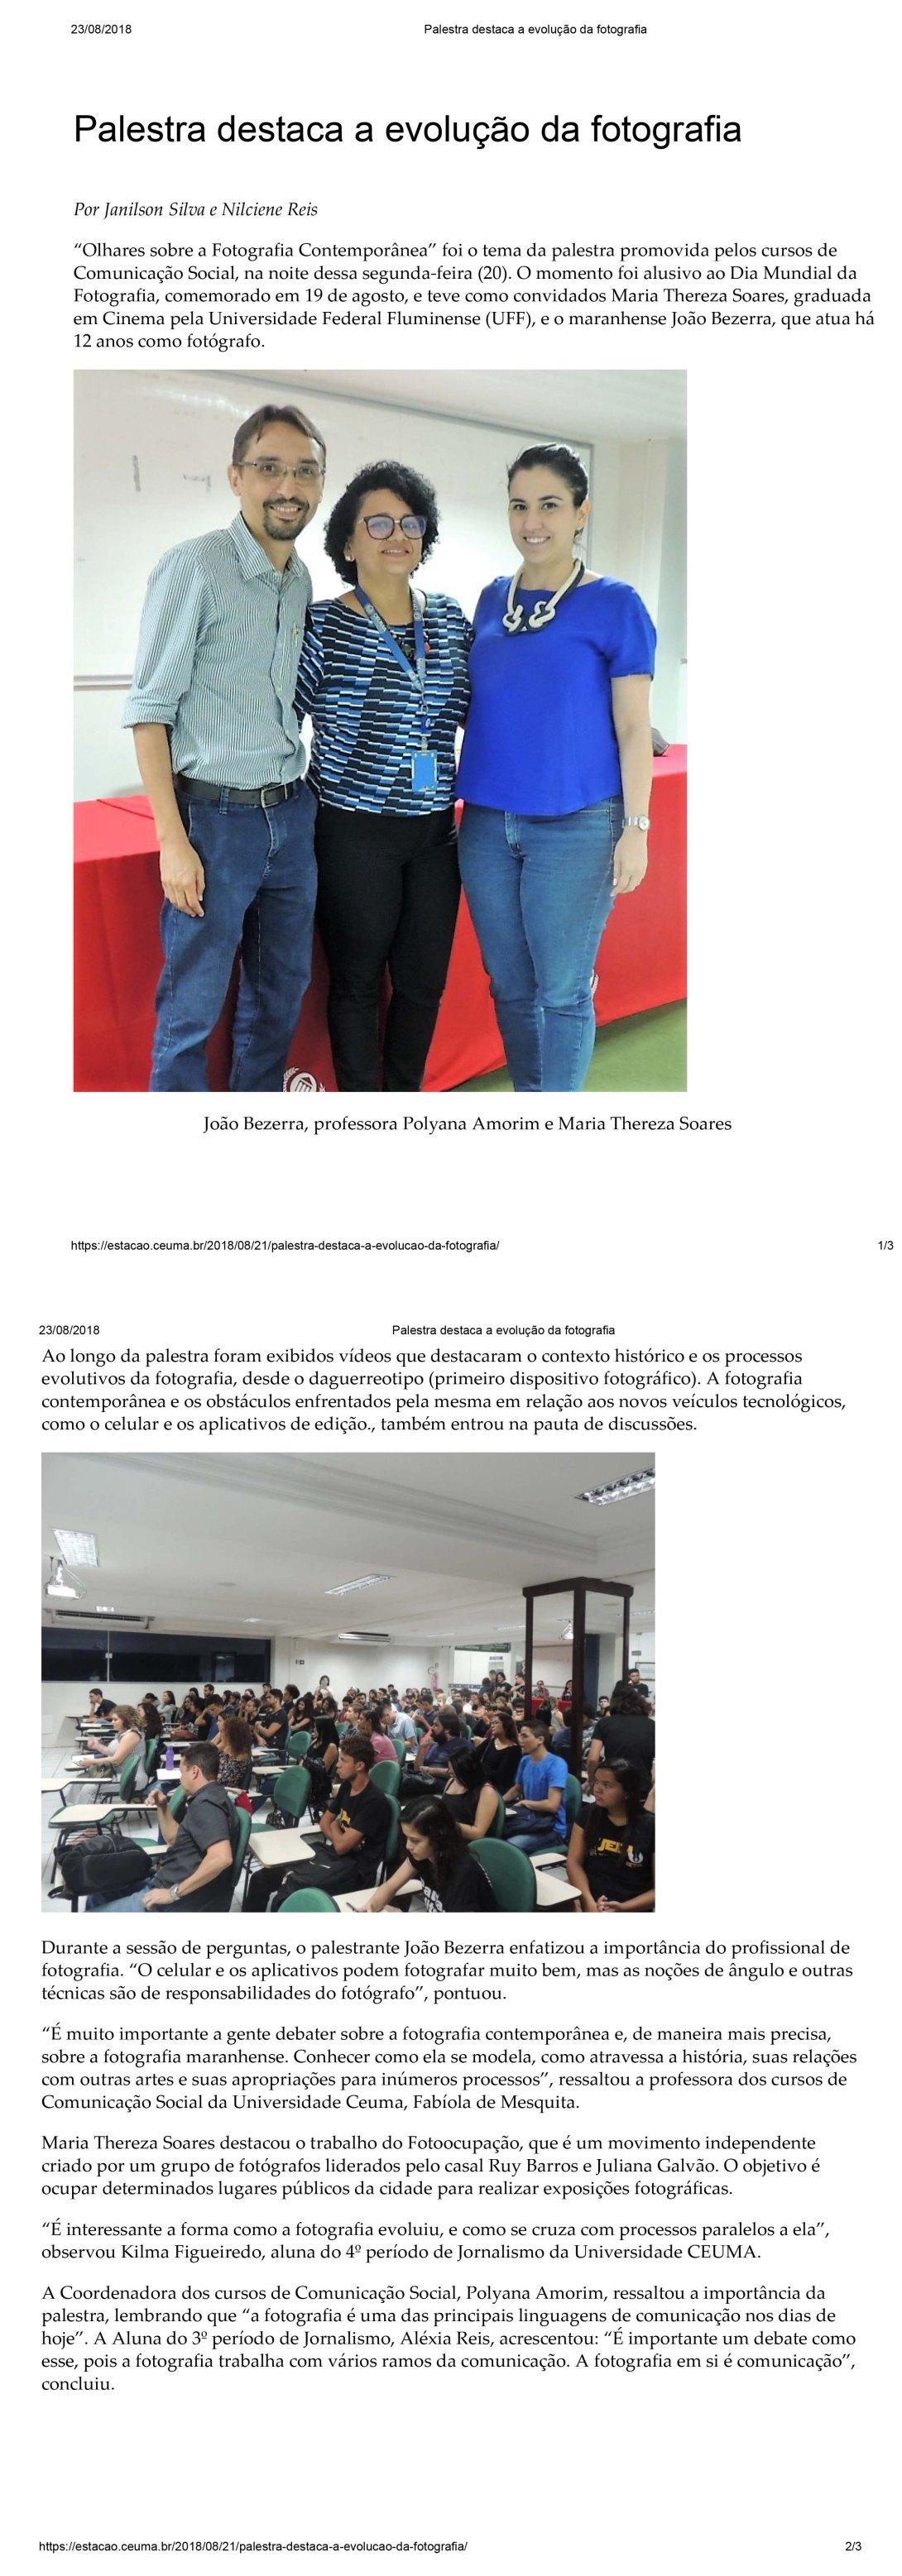 Palestra Fotografia Contemporanea Uniceuma 20 ago 2018 red